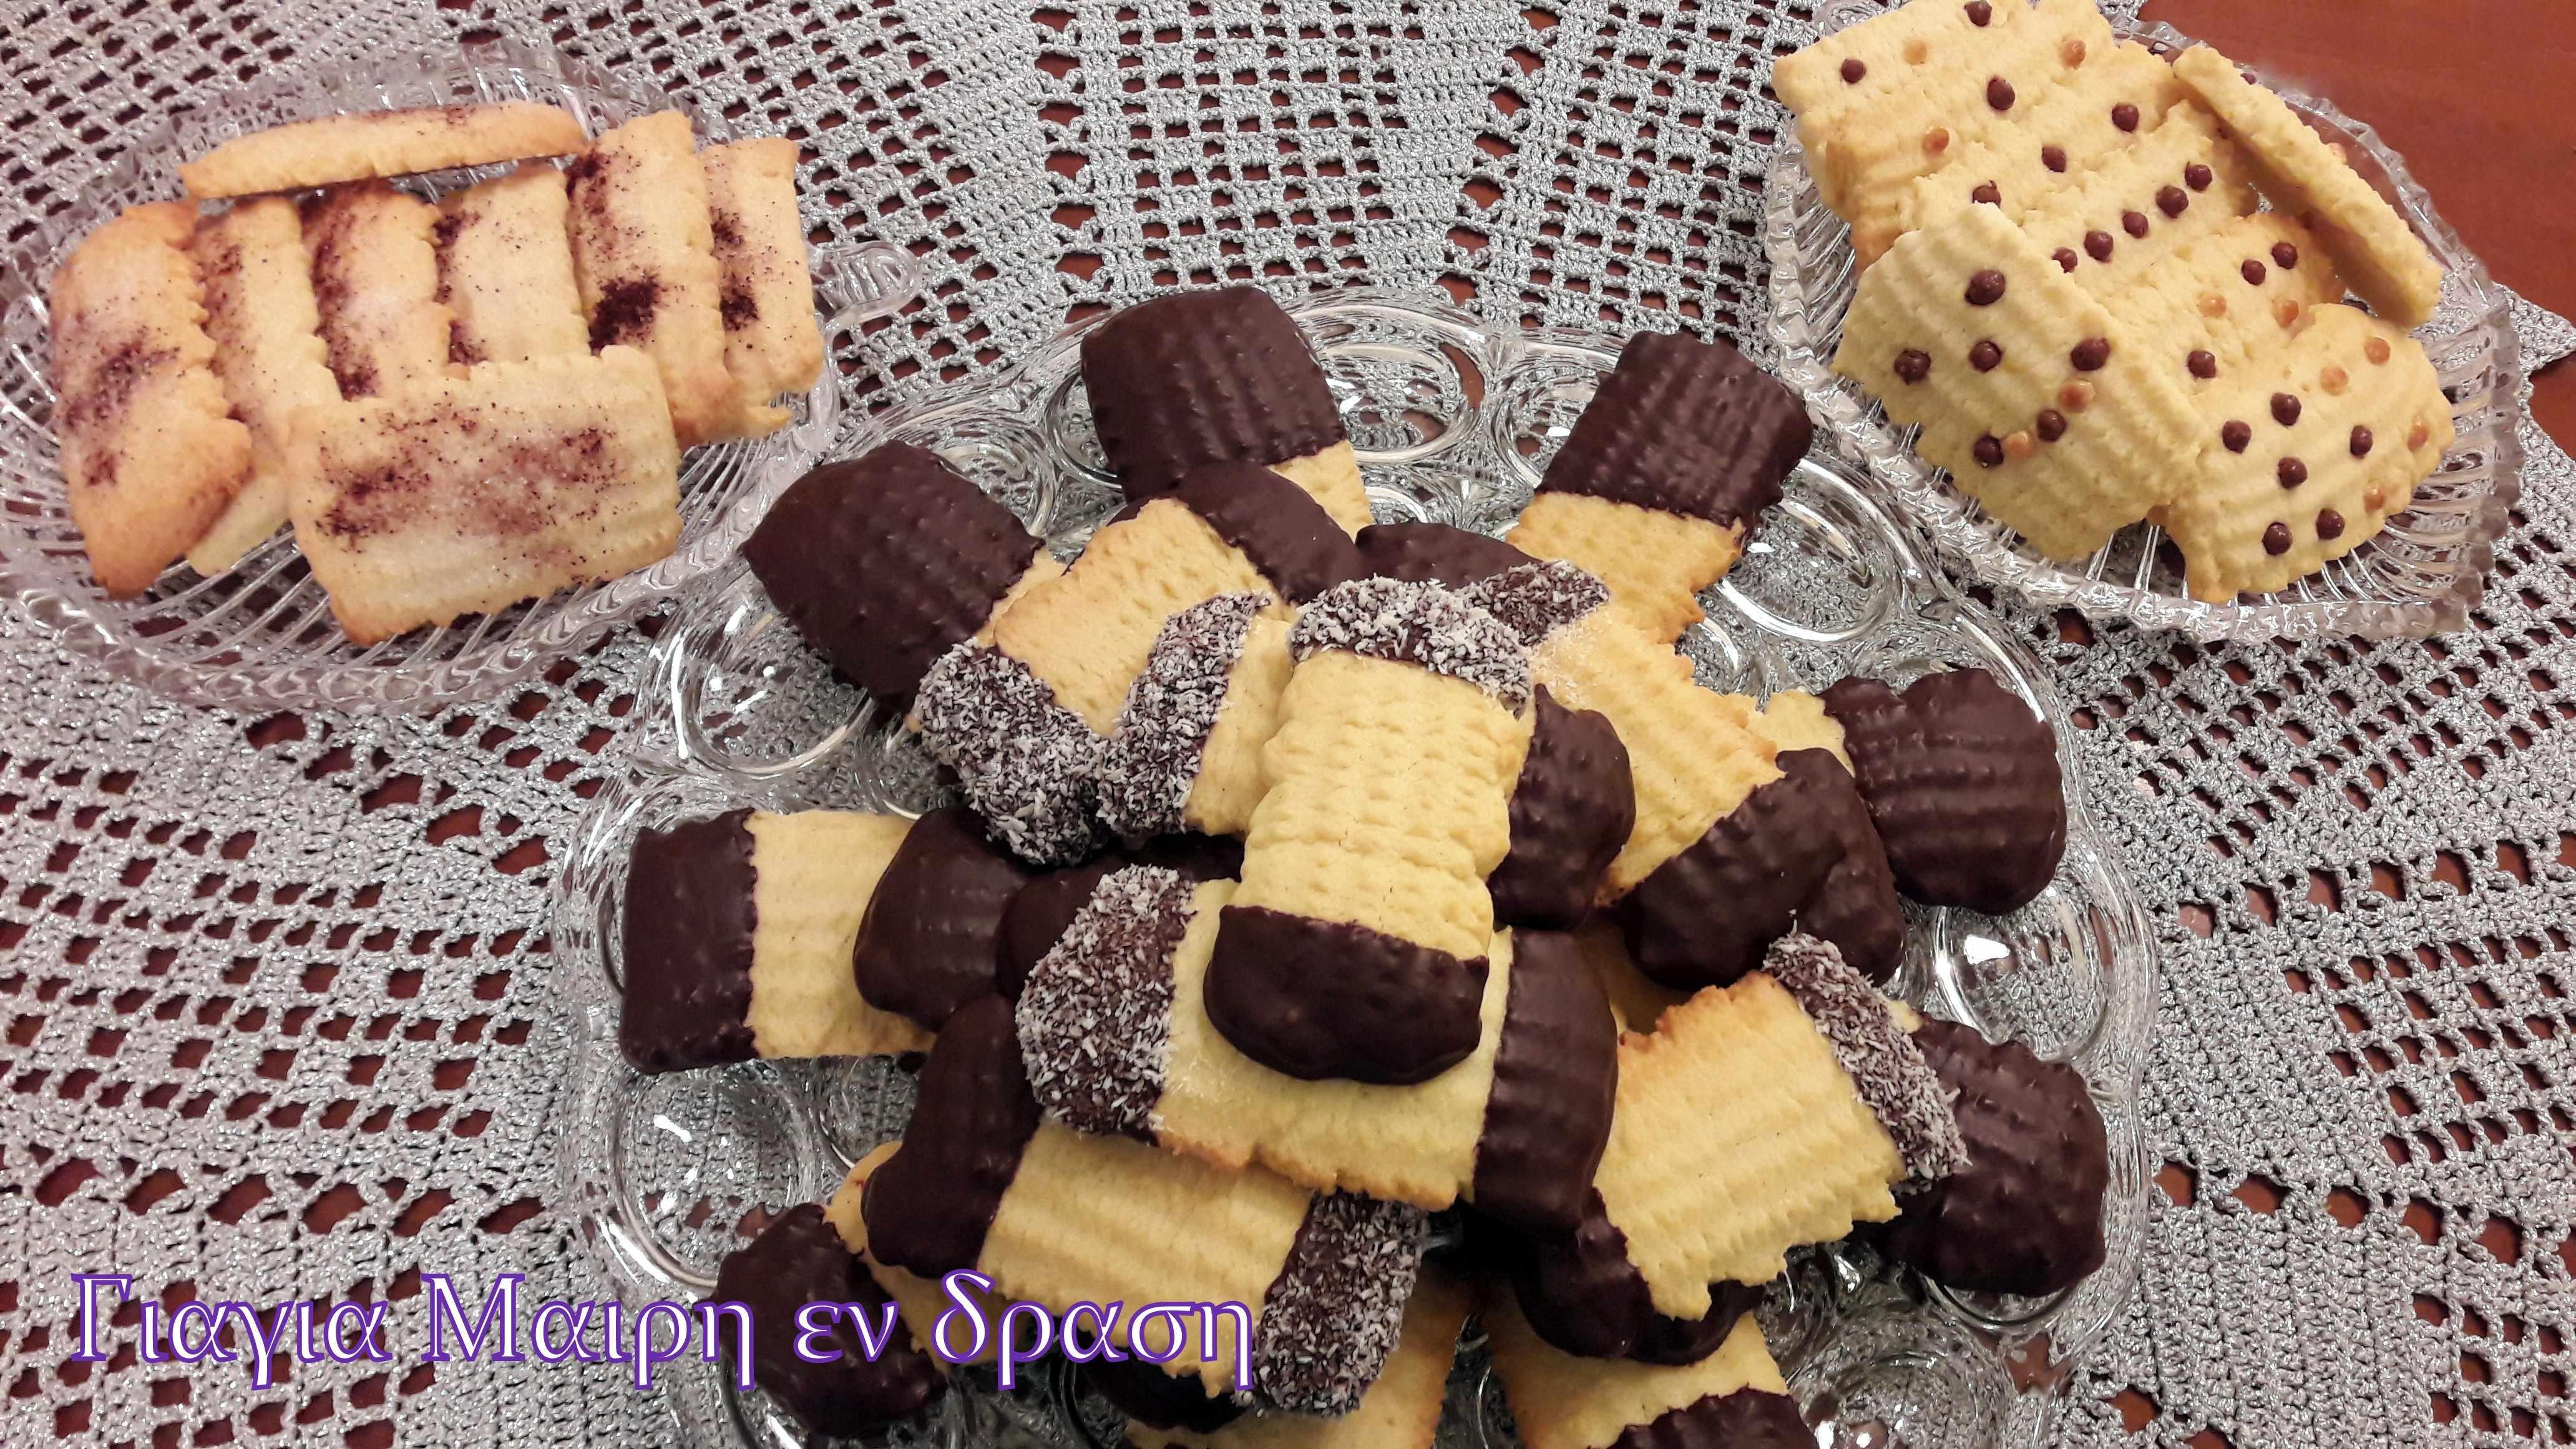 Μπισκότα βουτύρου by Mairh